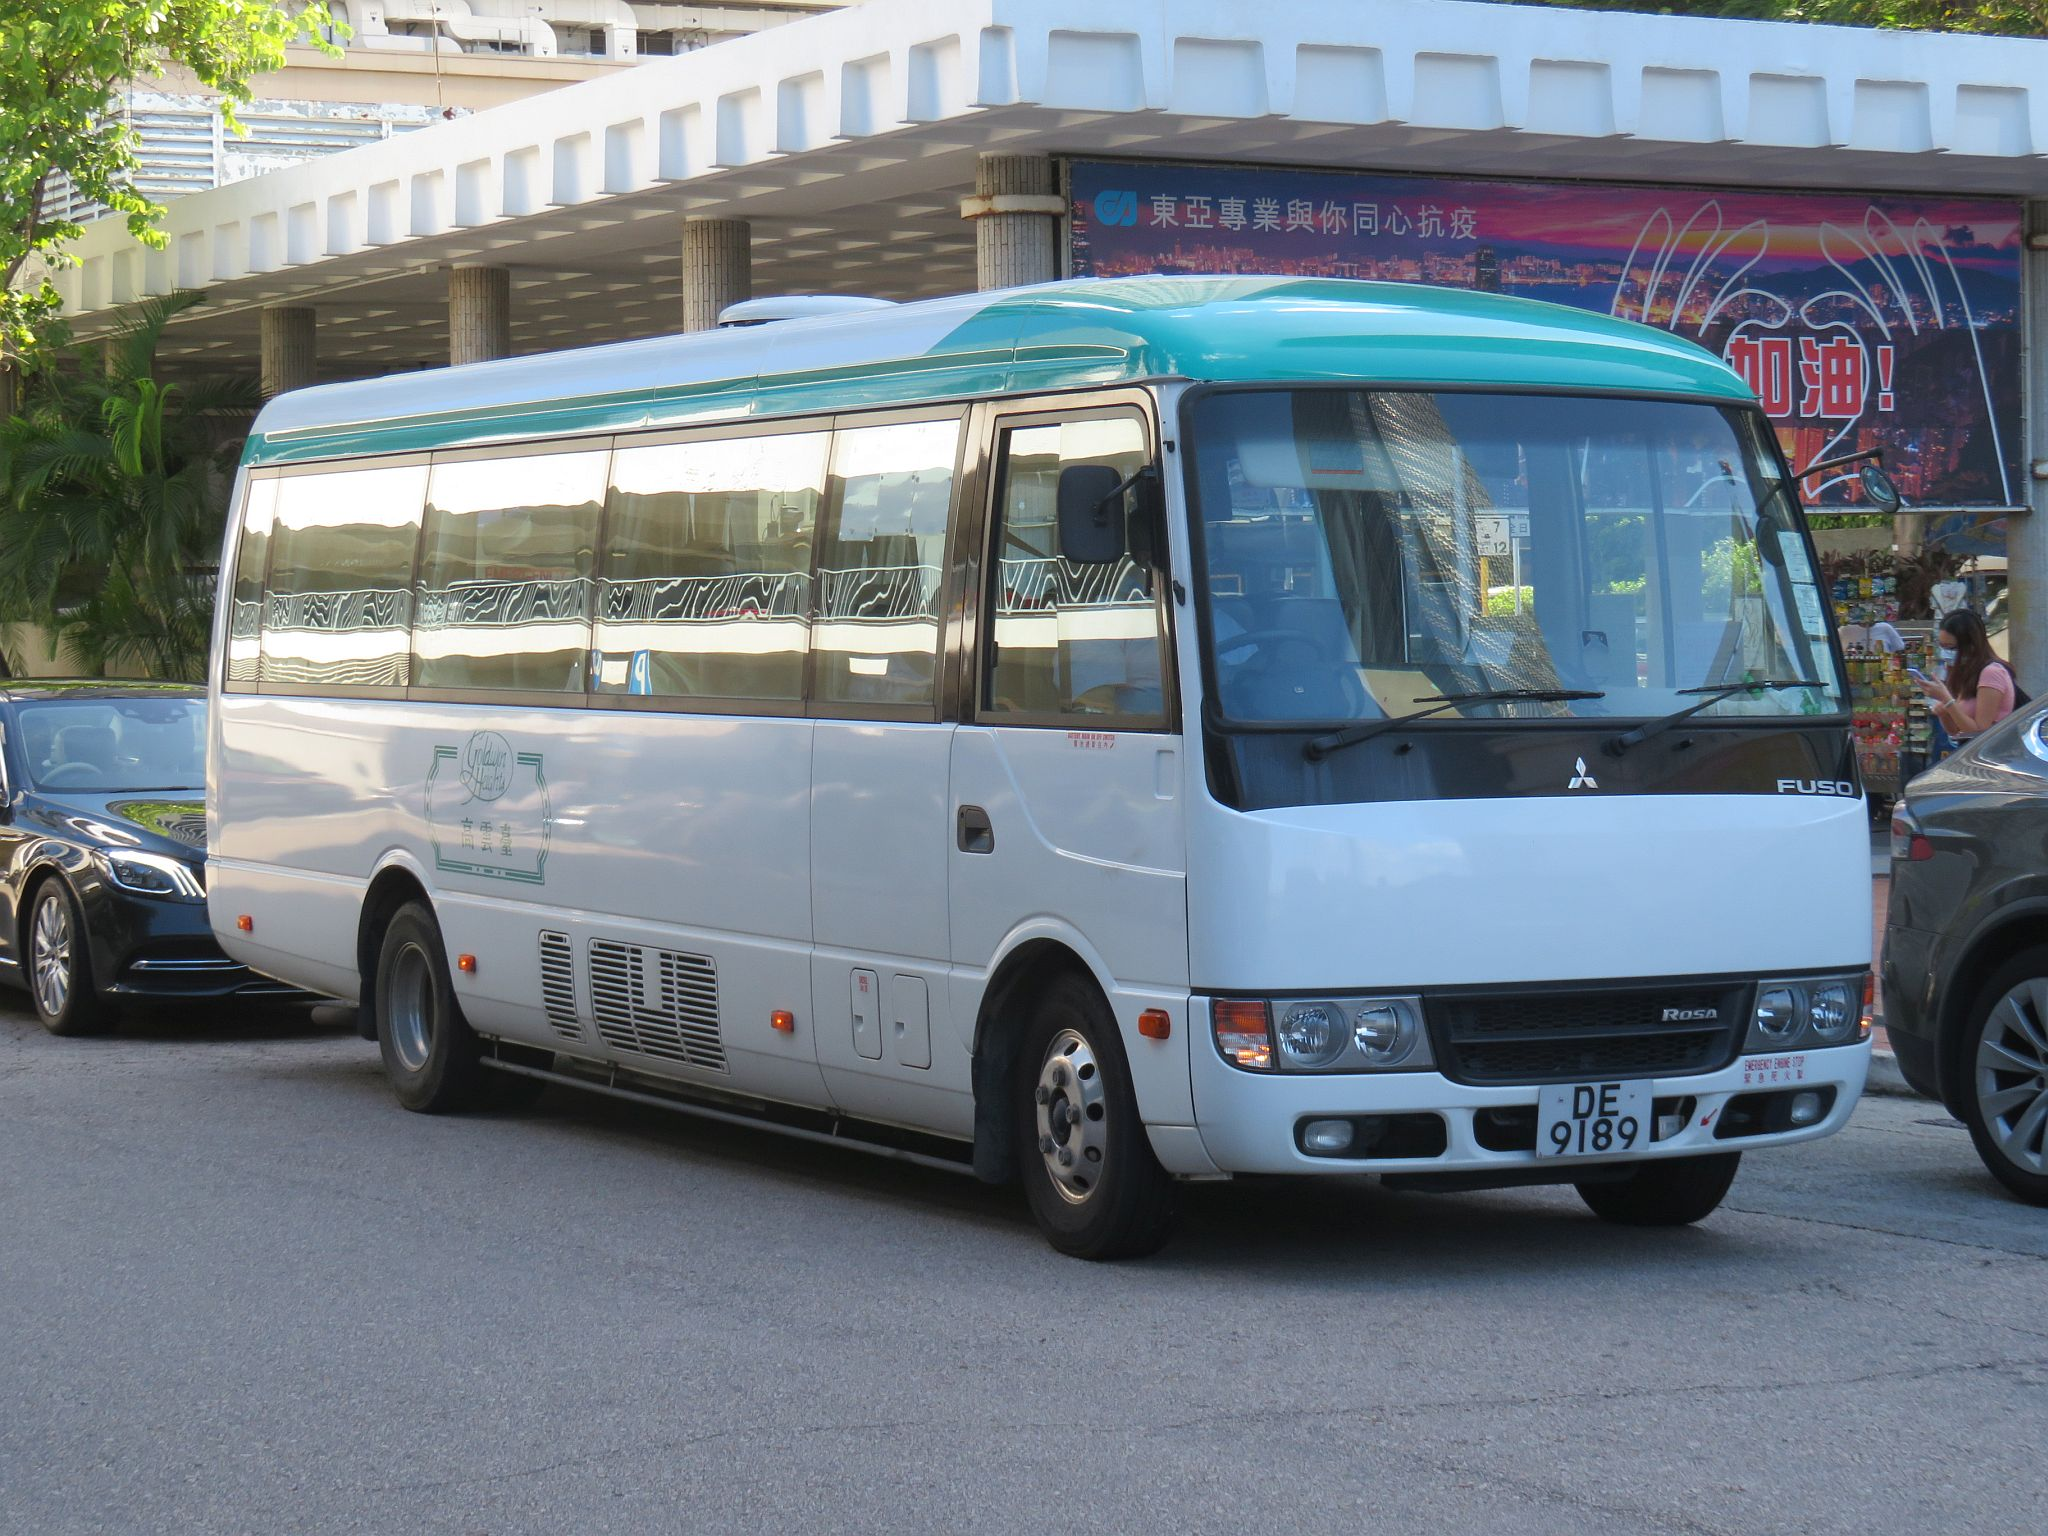 居民巴士HR65線